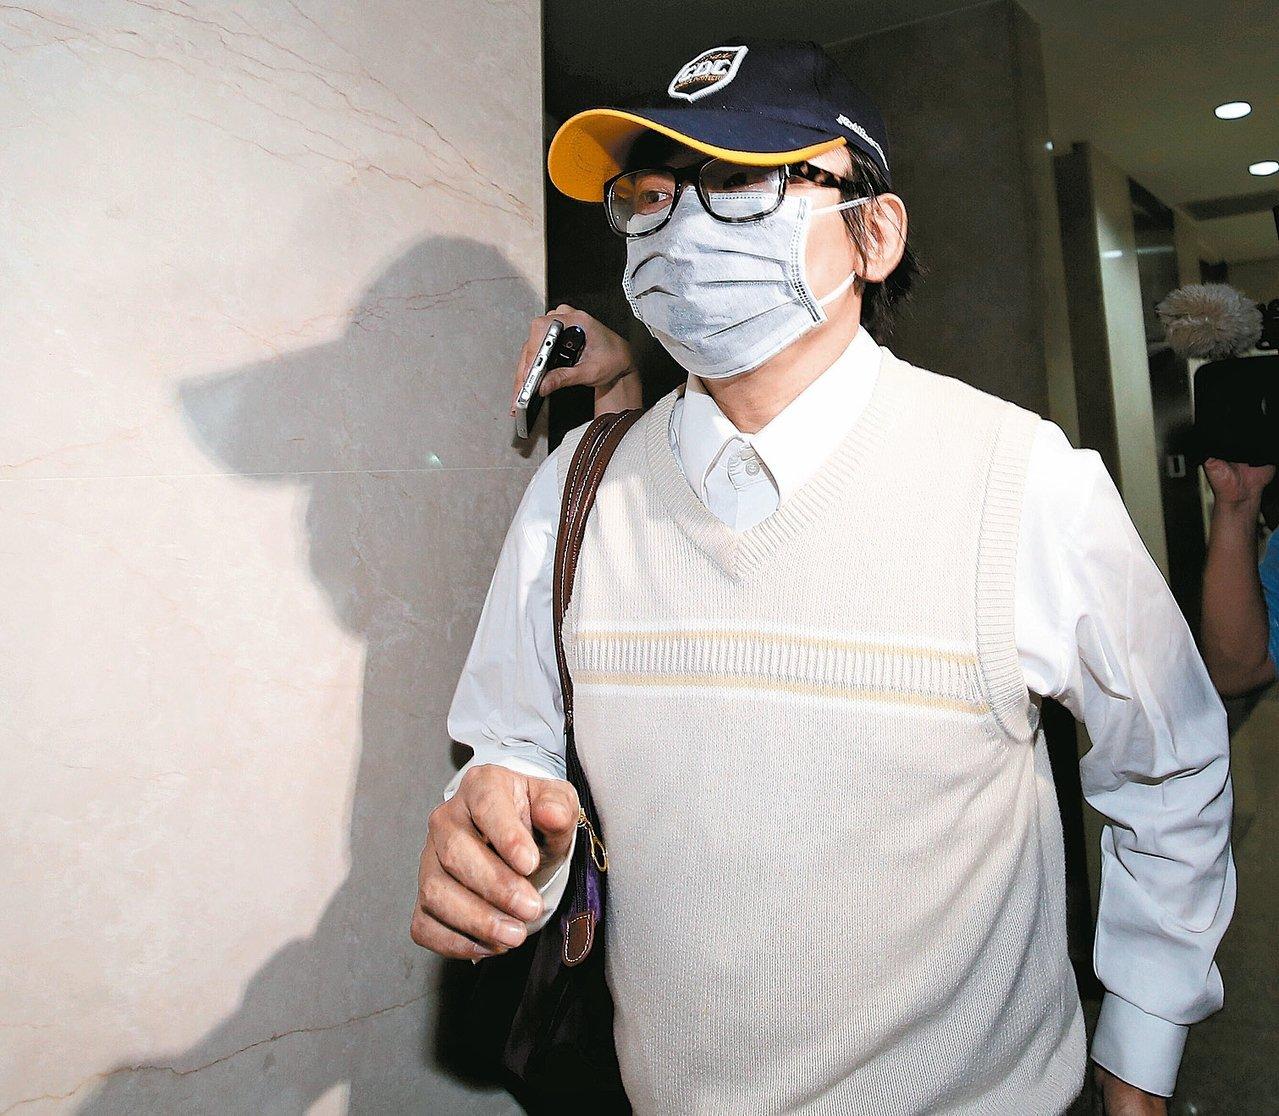 藝人秦偉涉嫌性侵多名女子,被檢方求刑49年。 報系資料照